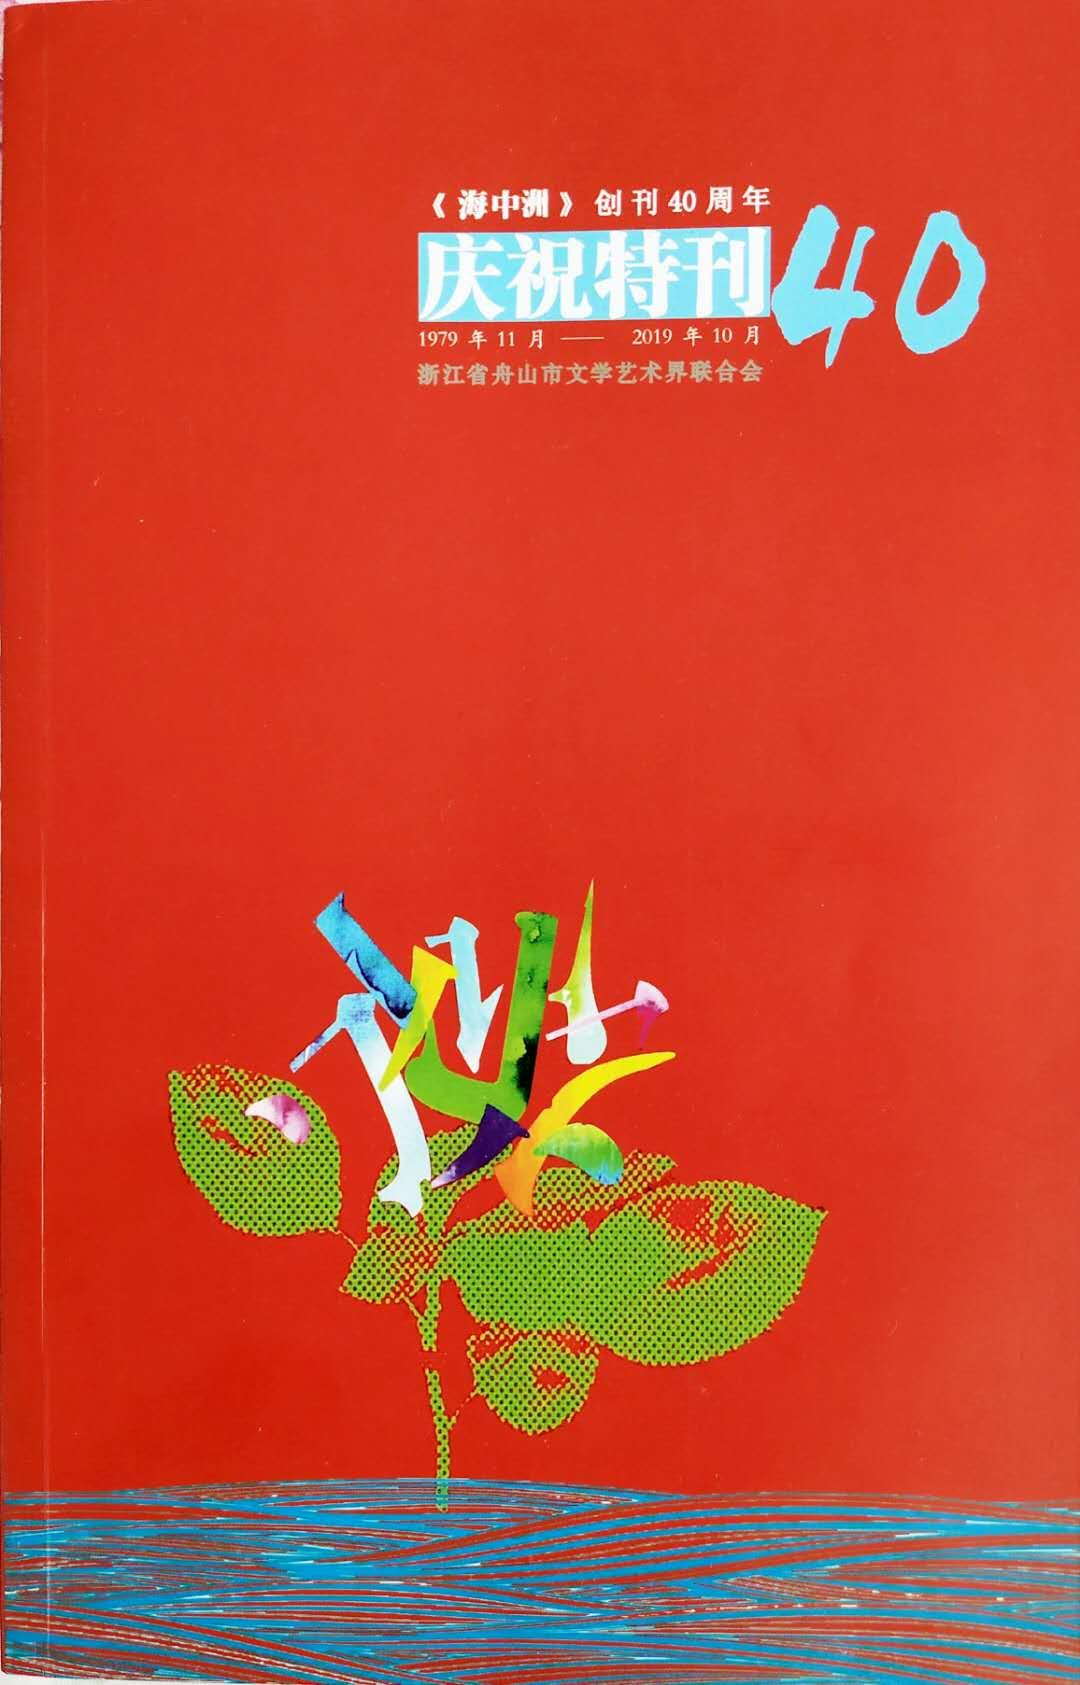 《海中洲》:一本文学内刊的乘风破浪